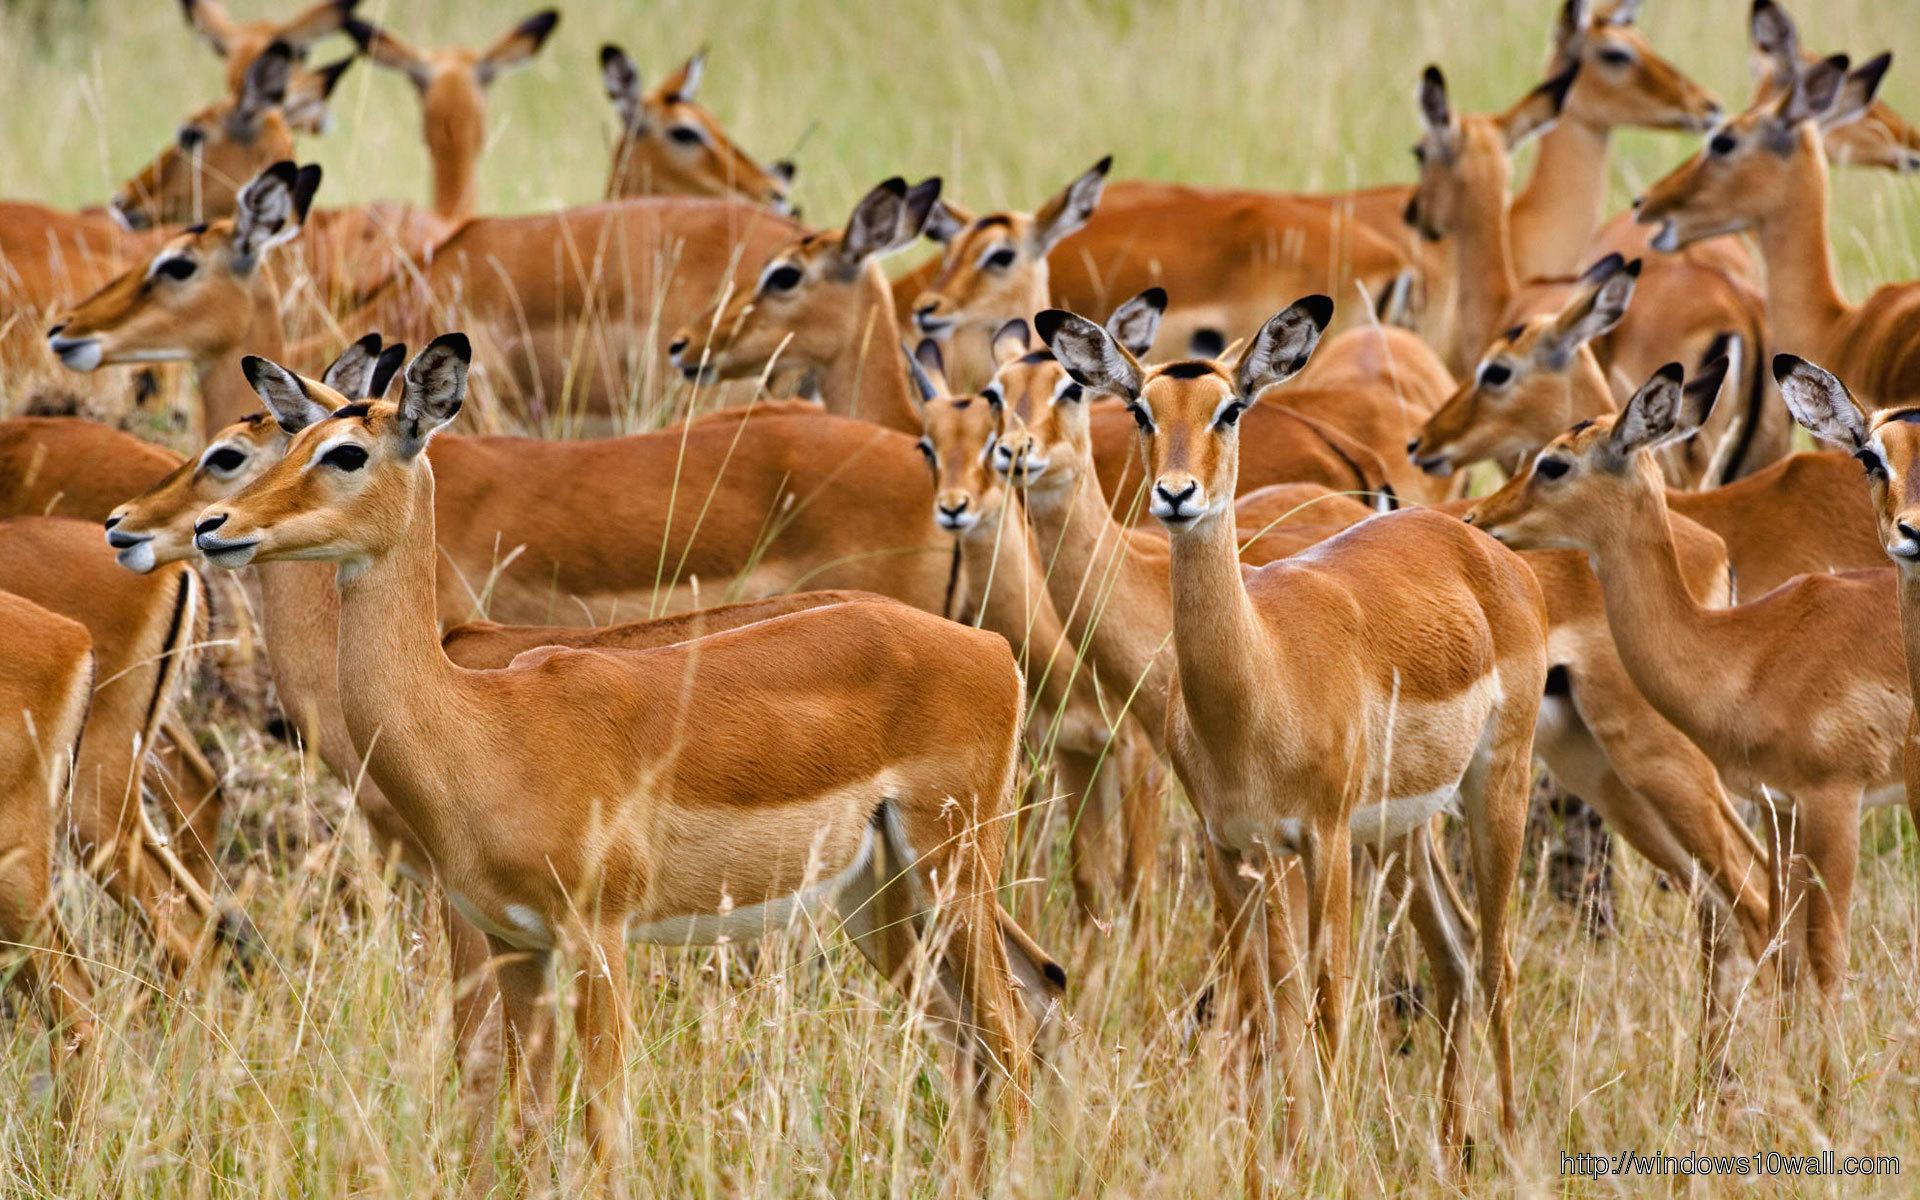 herd-of-deer-animal-wallpaper